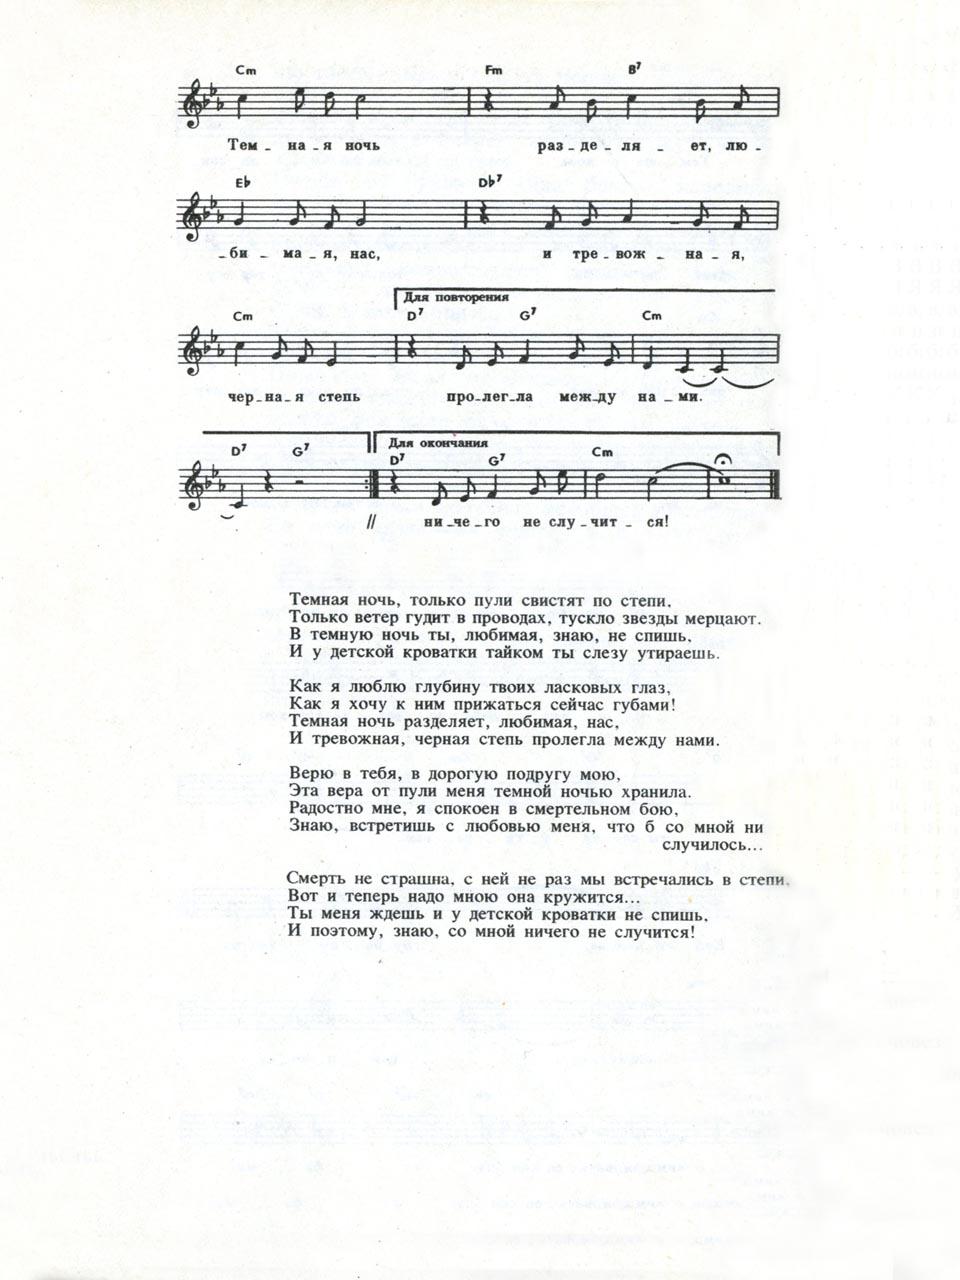 Н. Богословский, В. Агатов. Песня «Тёмная ночь». Ноты для голоса и аккорды